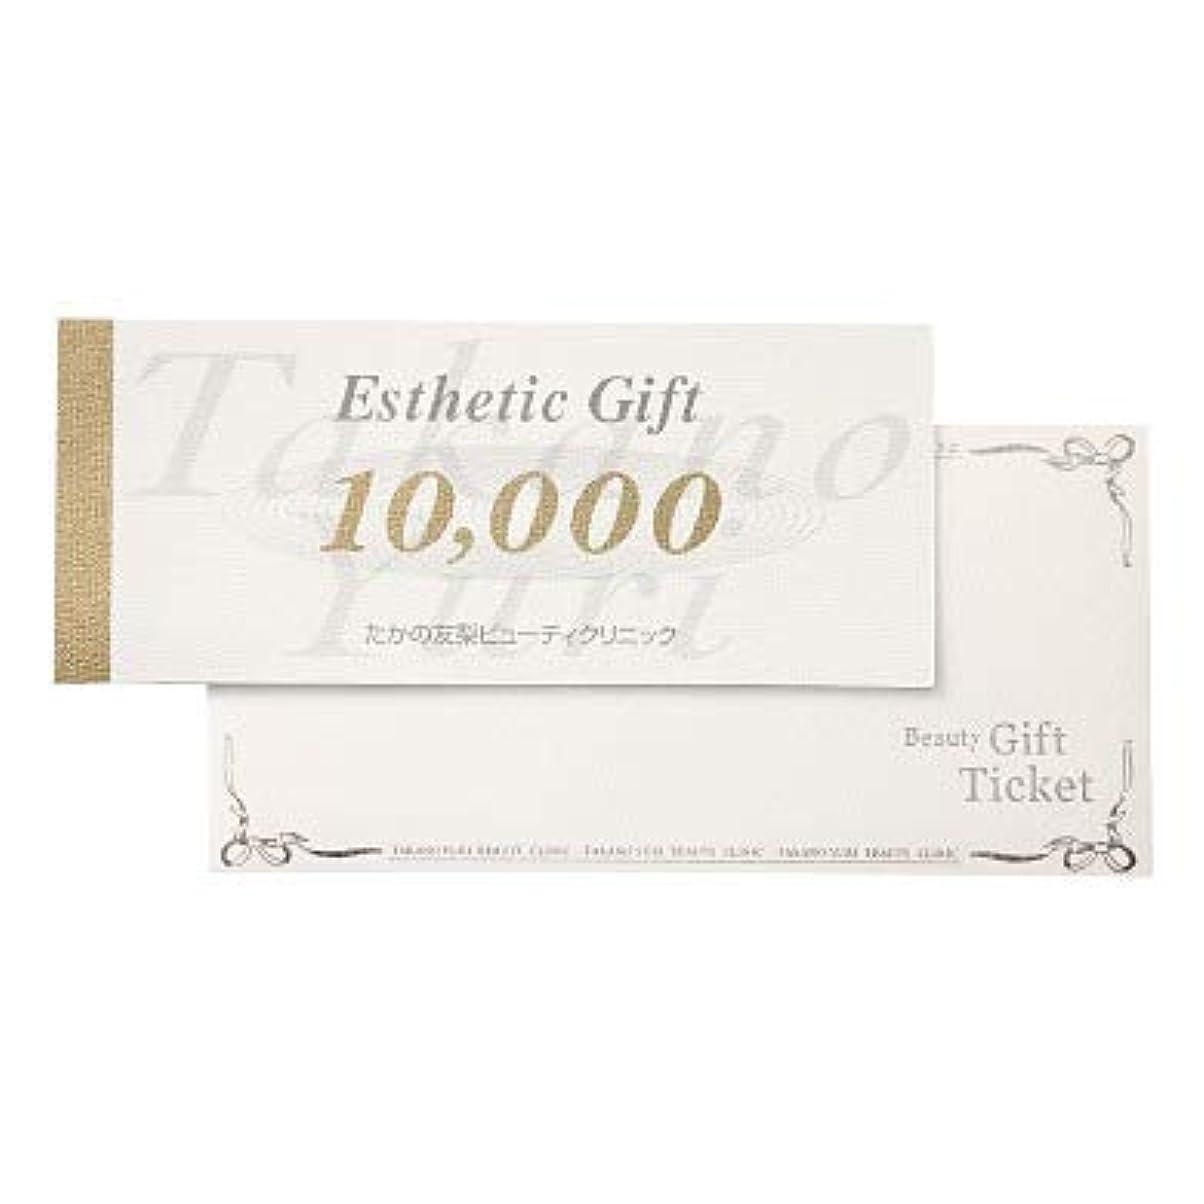 起きて泣き叫ぶ合唱団10,000円エステティックギフトチケット